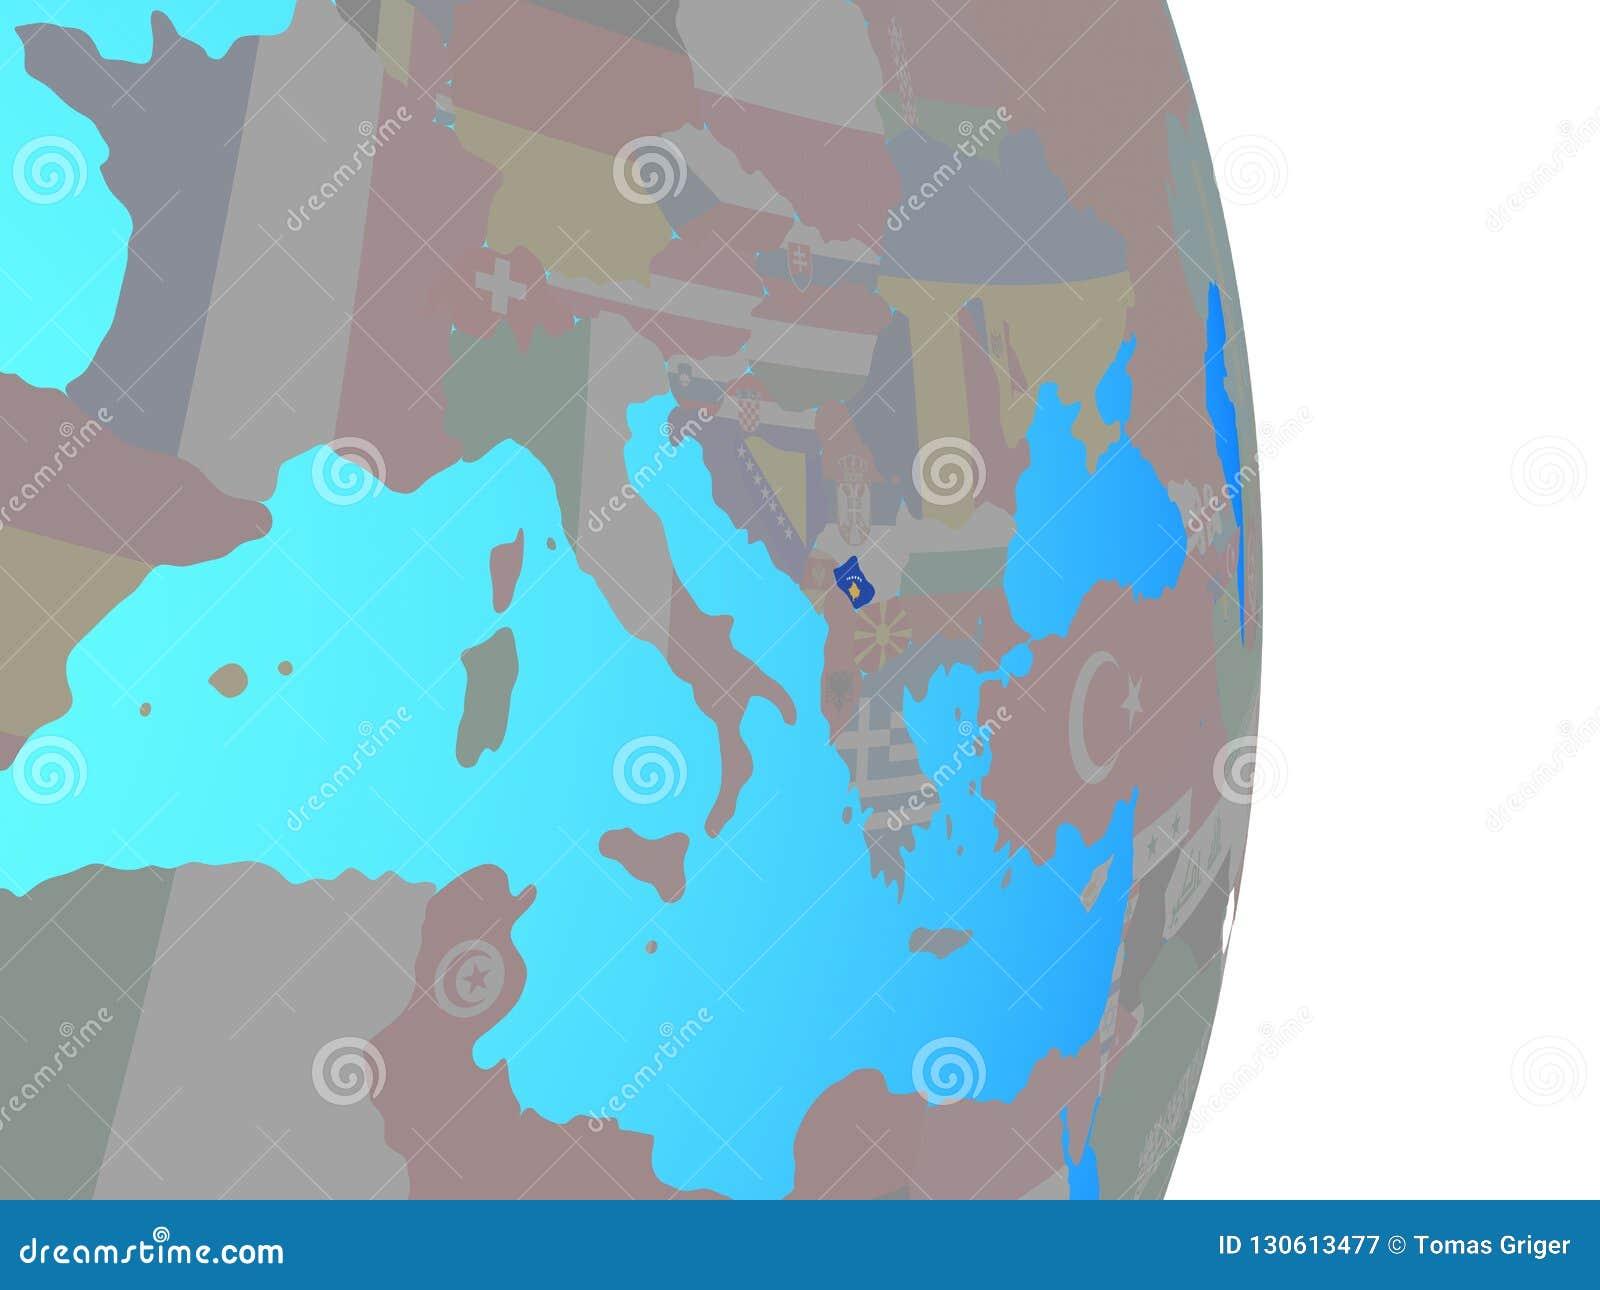 Kosovo with flag on globe stock illustration. Illustration of symbol on lesotho world map, lebanon world map, san marino world map, russia world map, luxembourg world map, monaco world map, israel world map, libya world map, cyprus world map, suriname world map, laos world map, darfur world map, netherlands world map, malta world map, abkhazia world map, republic of macedonia world map, slovakia world map, liechtenstein world map, sierra leone world map, liberia world map,